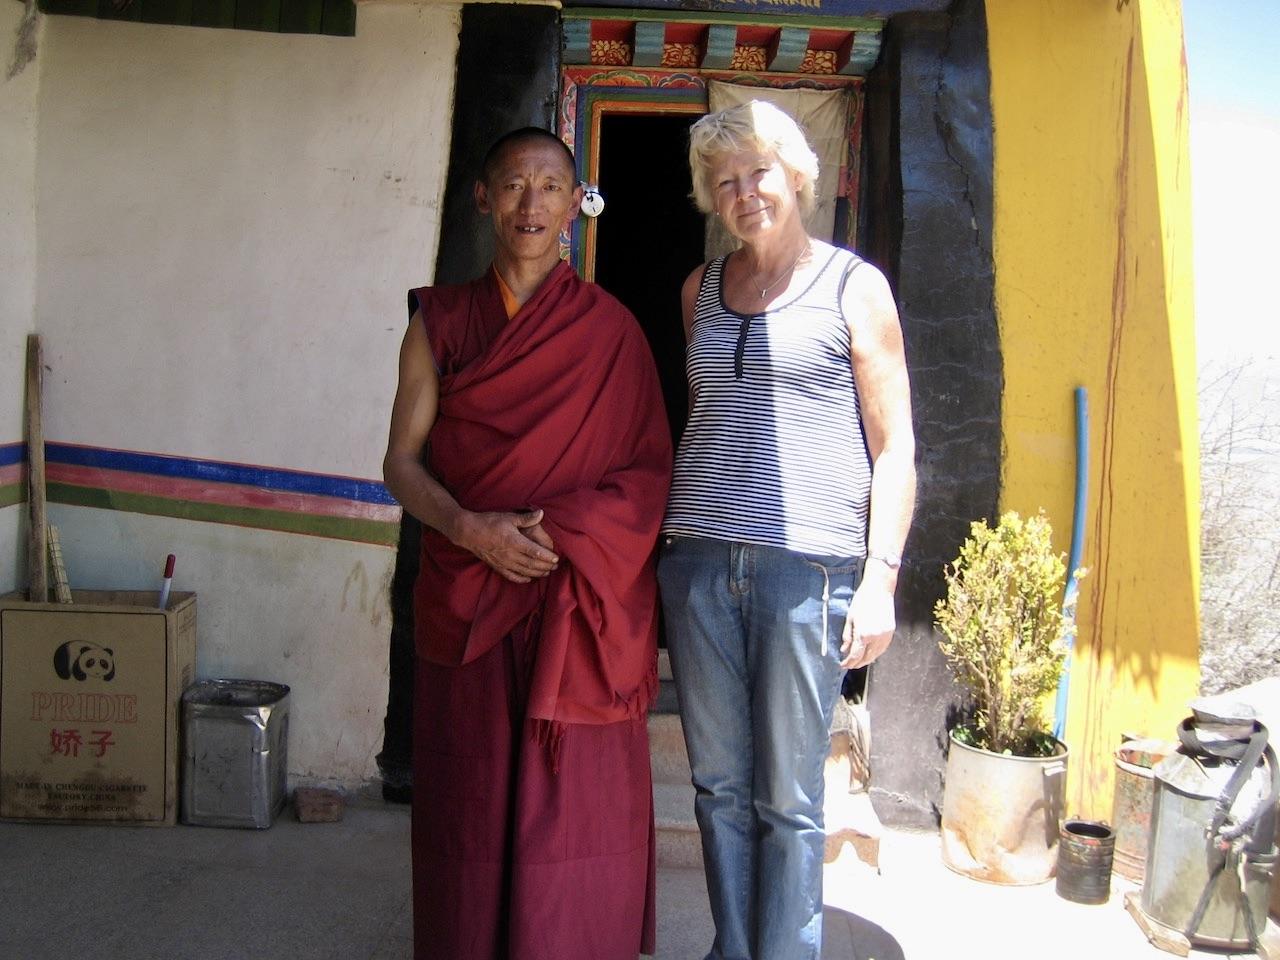 Tibet och en bit utanför Lhasa. I Gandenklostret- Och givetvis blev det en bild med mig och en munk.